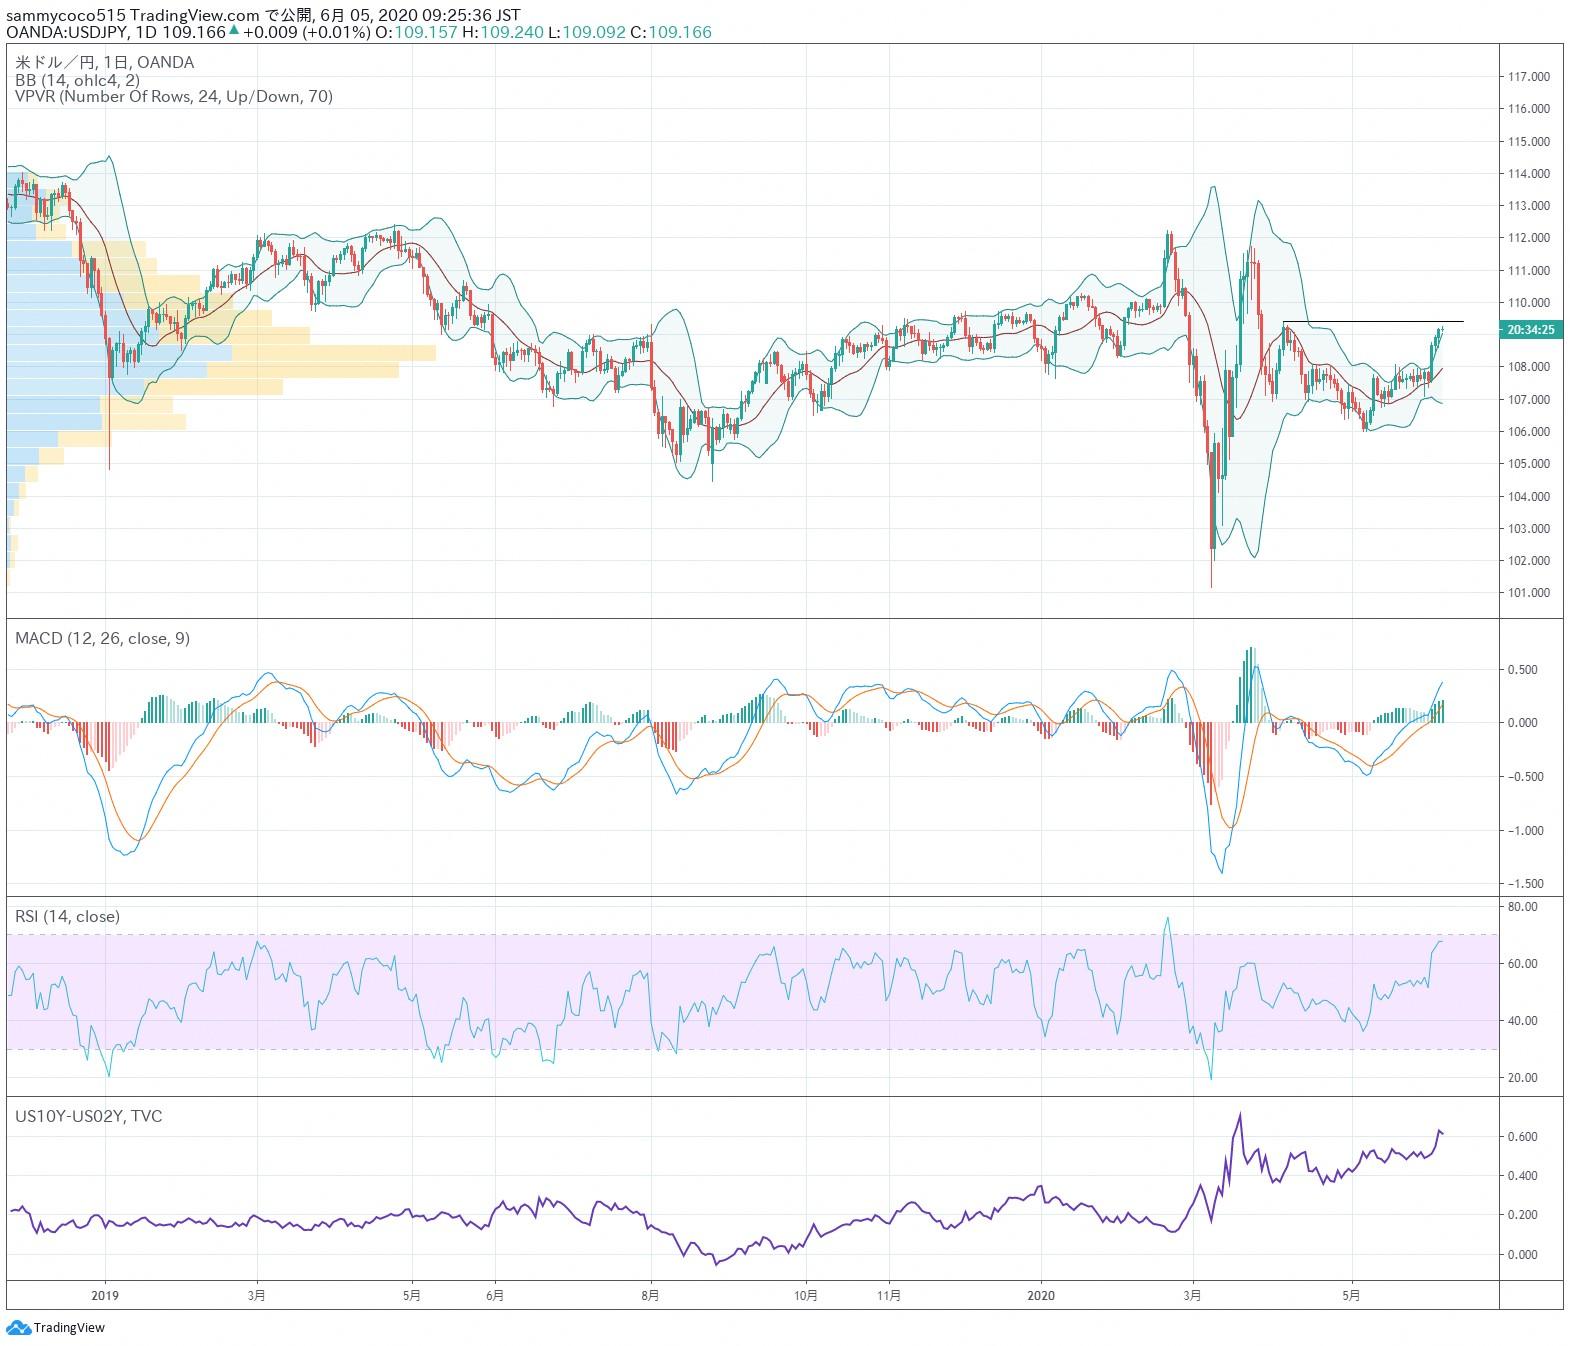 东京外汇股市日评:日经指数期货高位整理,美元兑日元汇率大幅上涨